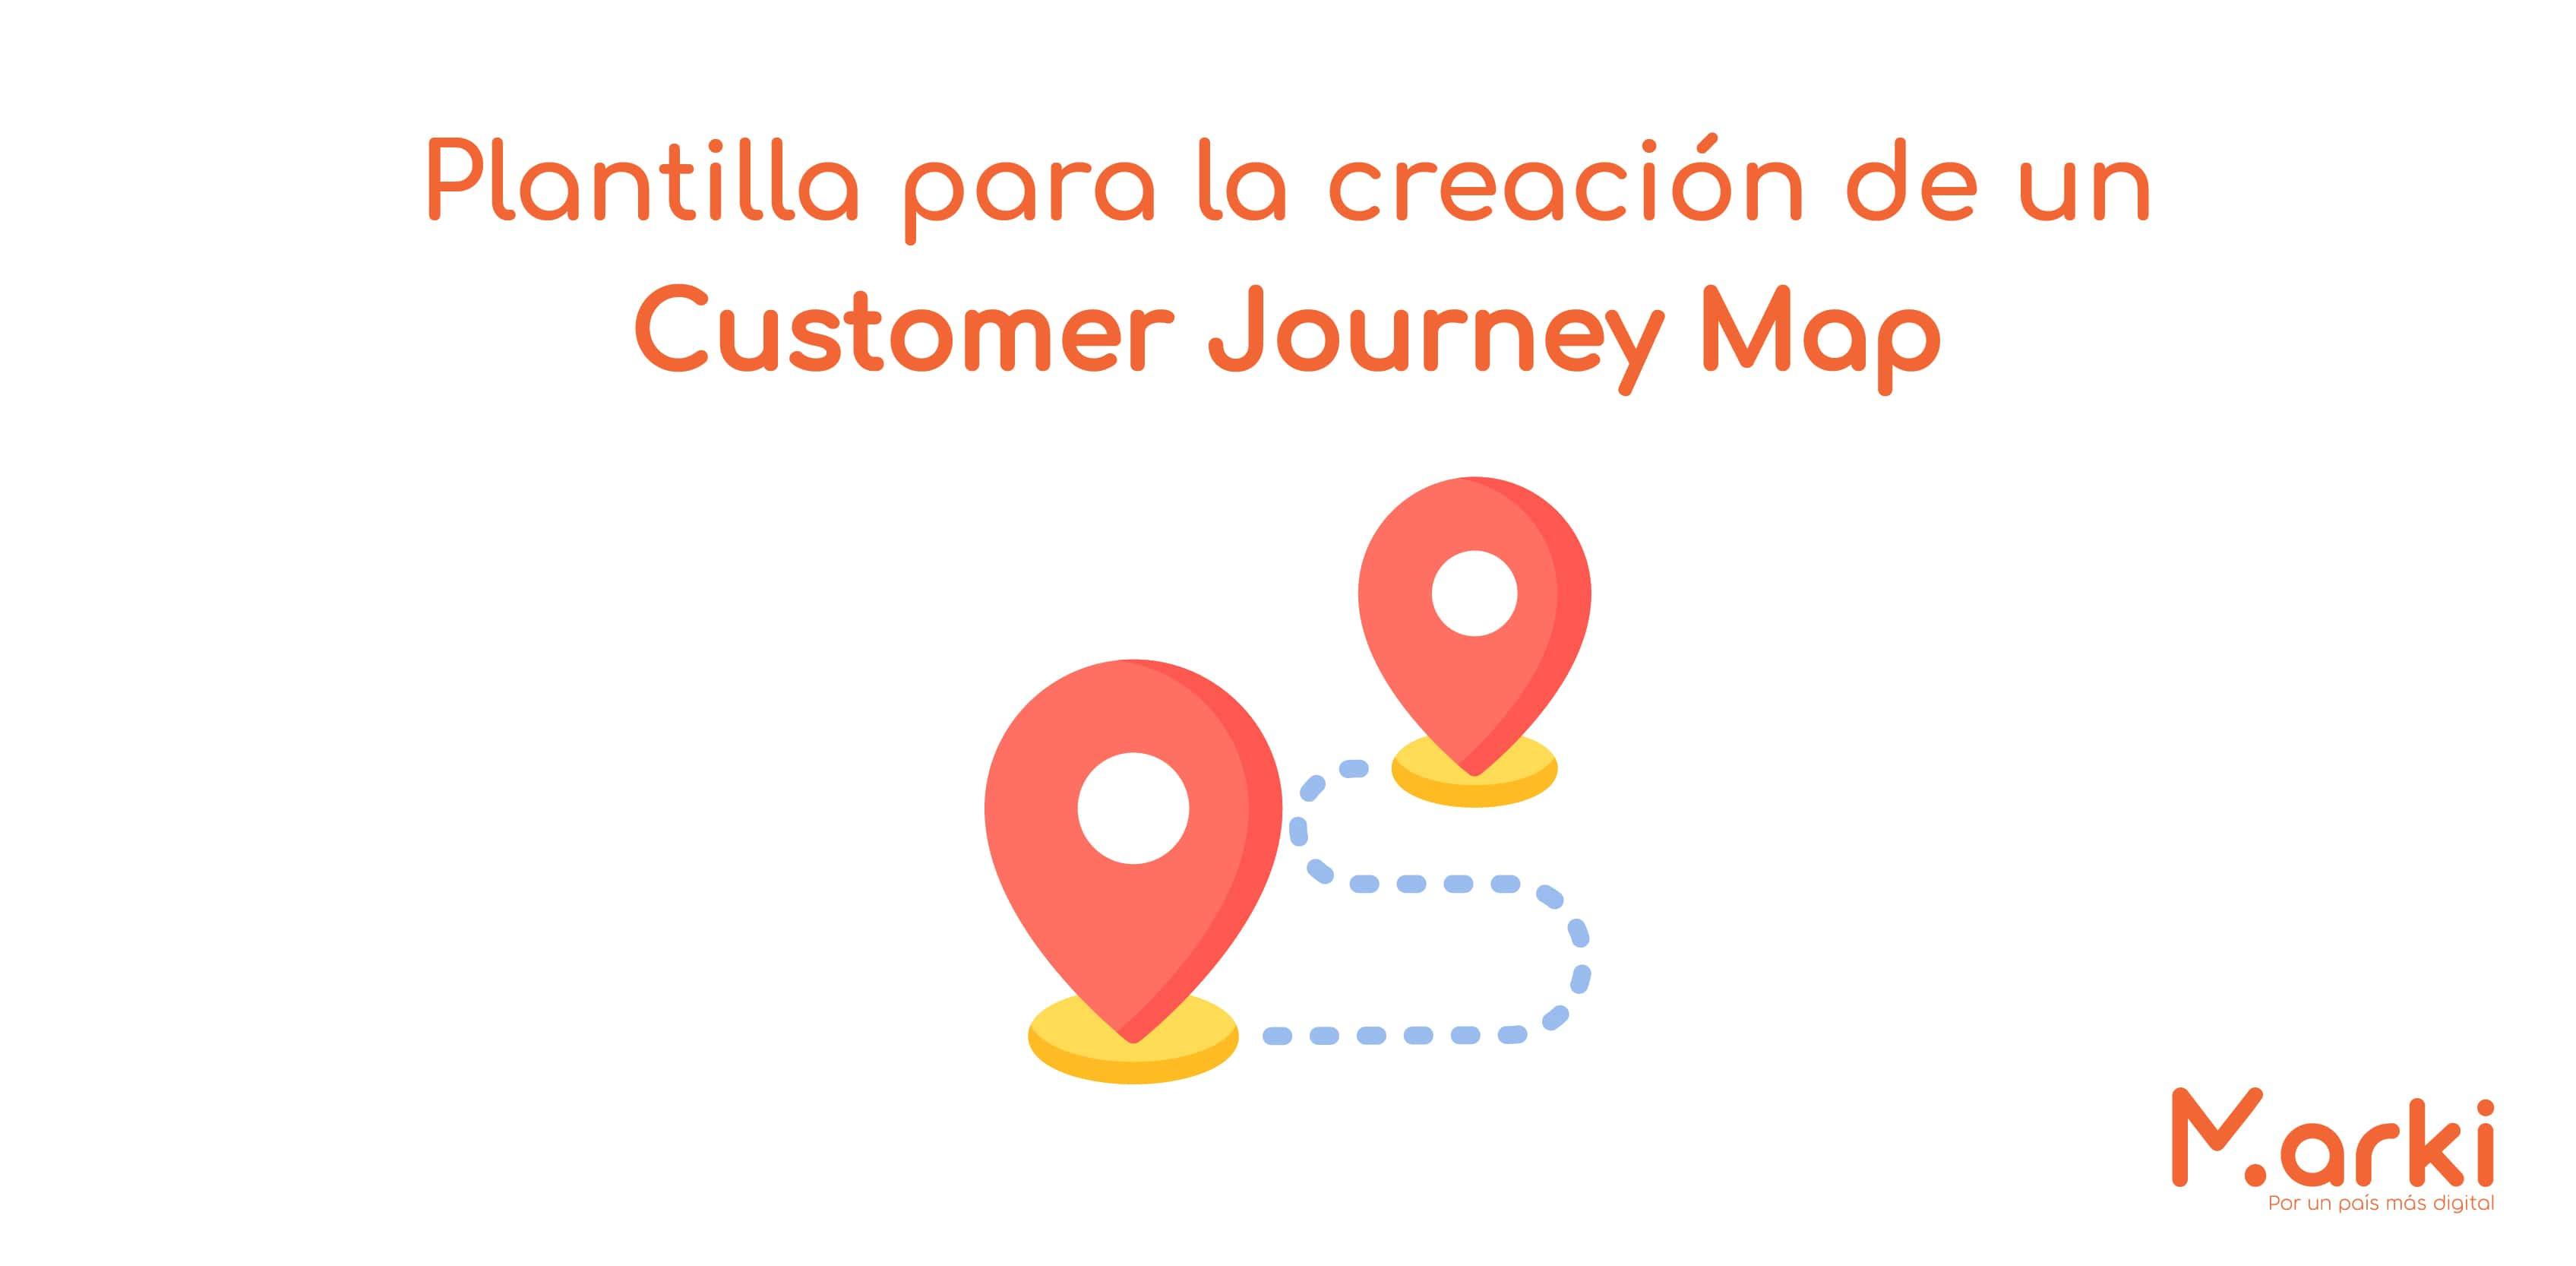 plantilla de customer journey map como hacer customer journey customer journey plantilla customer journey b2b como hacer un customer journey map ejemplo que significa customer journey voluntarios universitarios voluntariado peru voluntariado online voluntariado marki